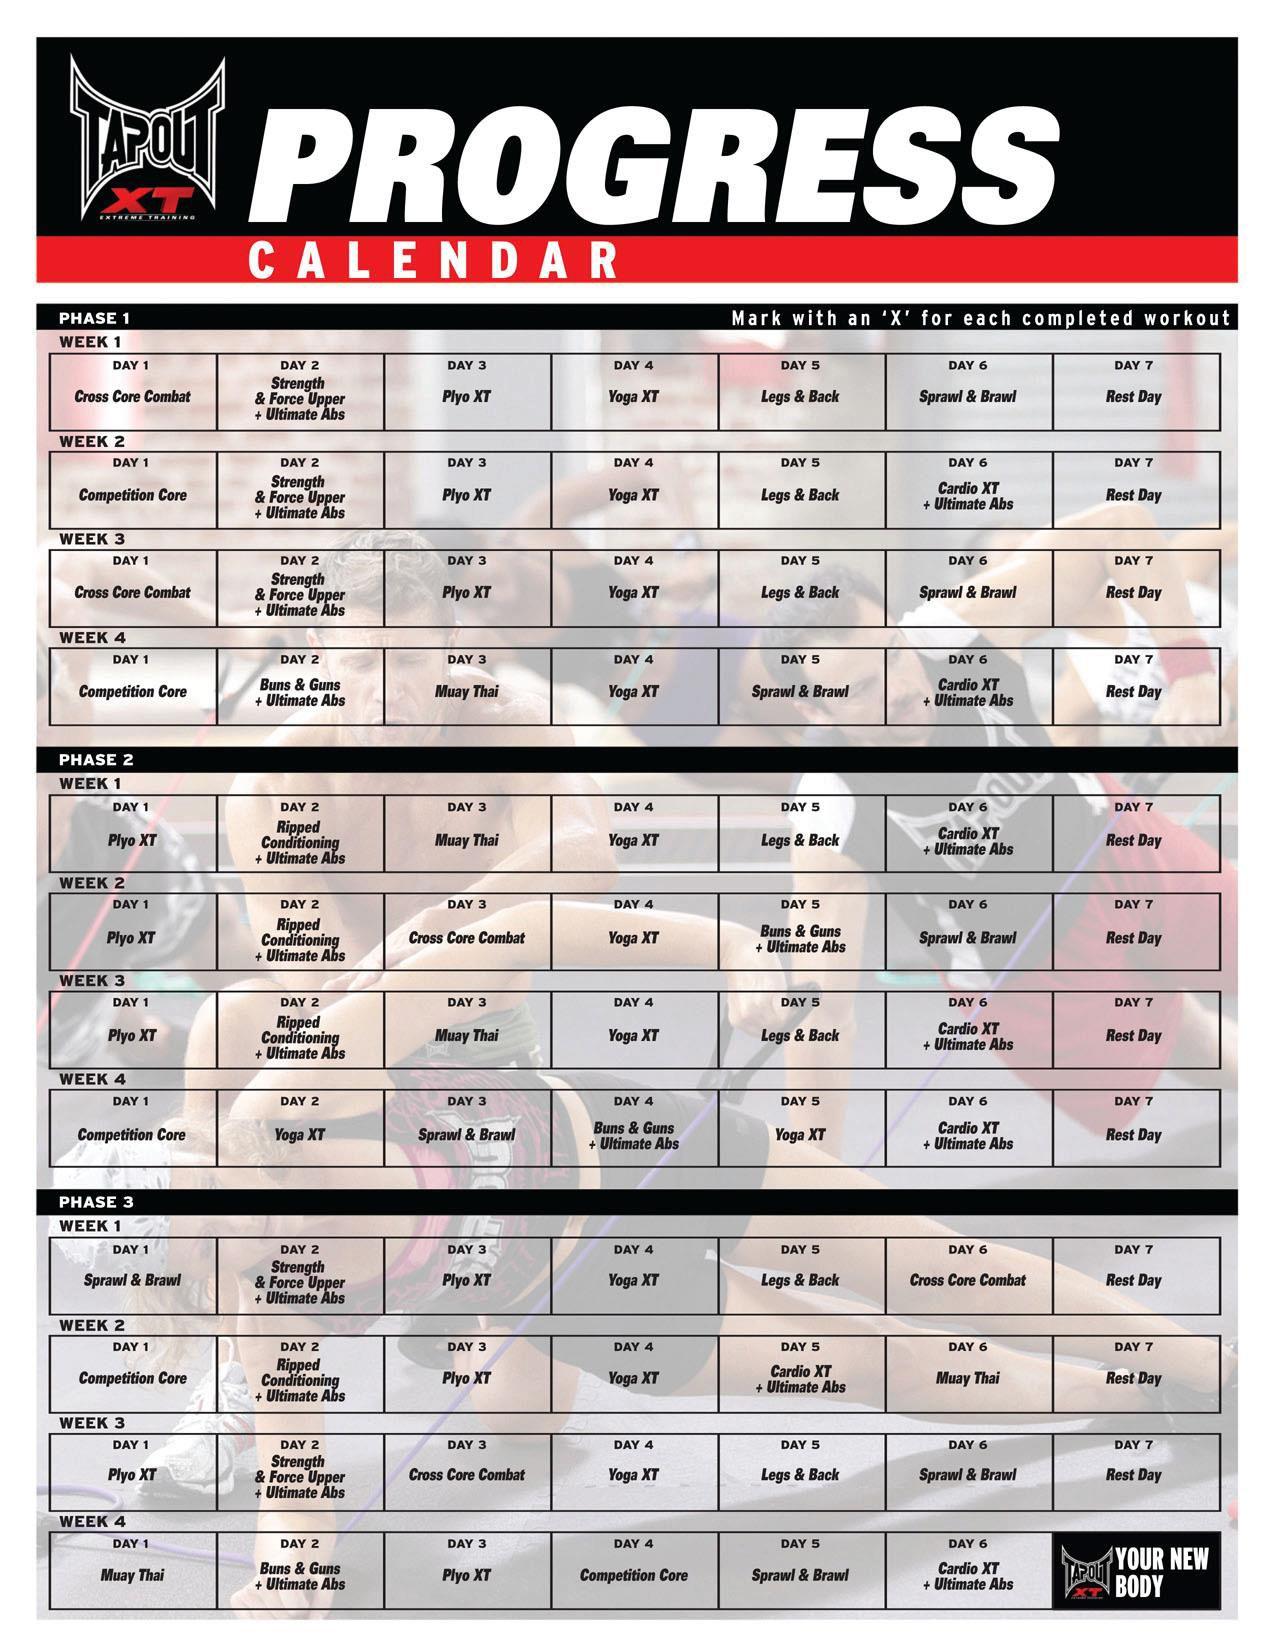 Workout Calendar Ideas : Tapout xt workout schedule calendar